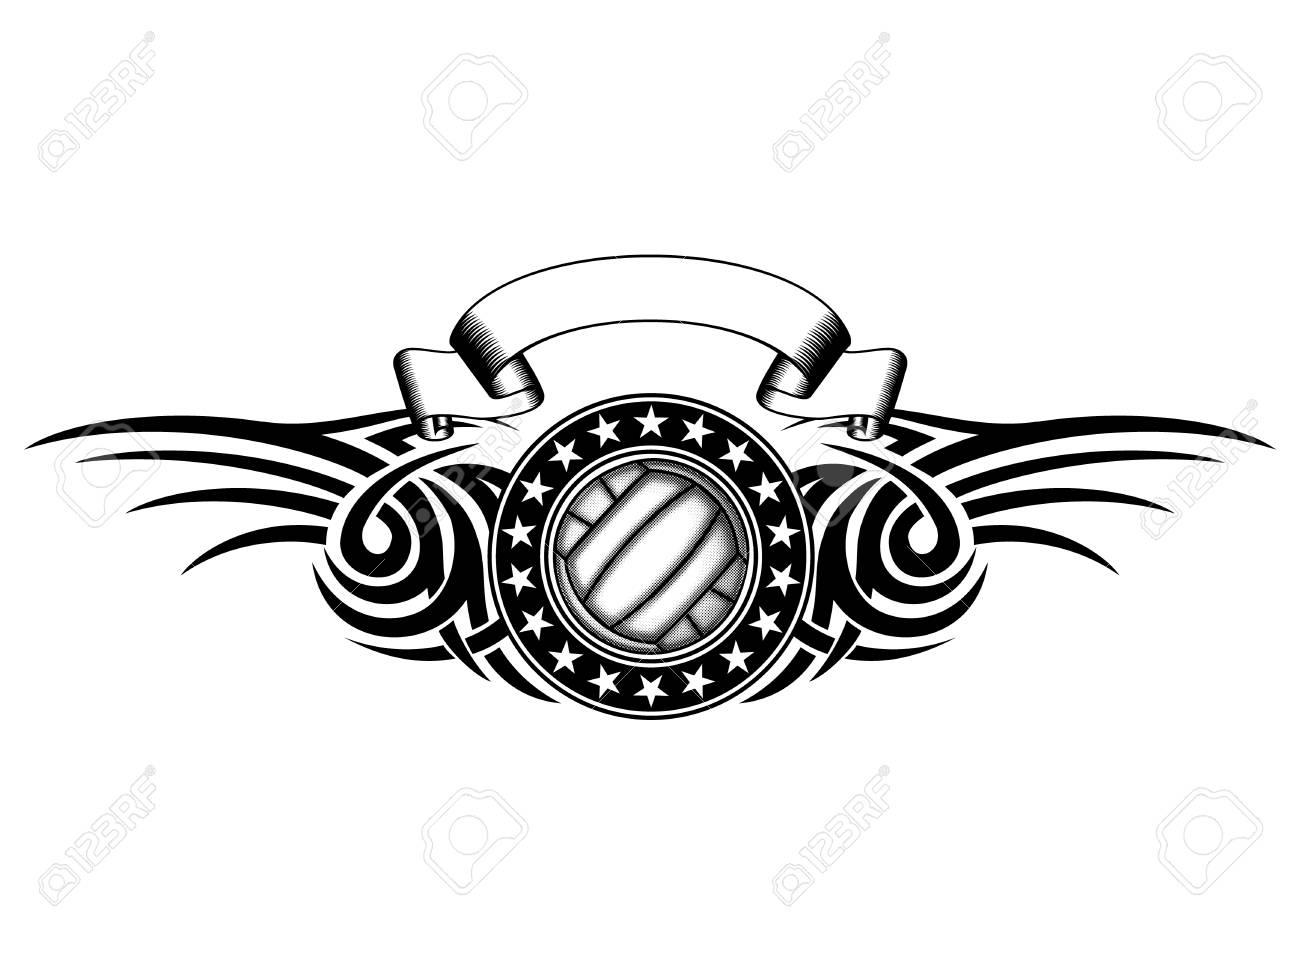 バレーボール イラスト 白黒